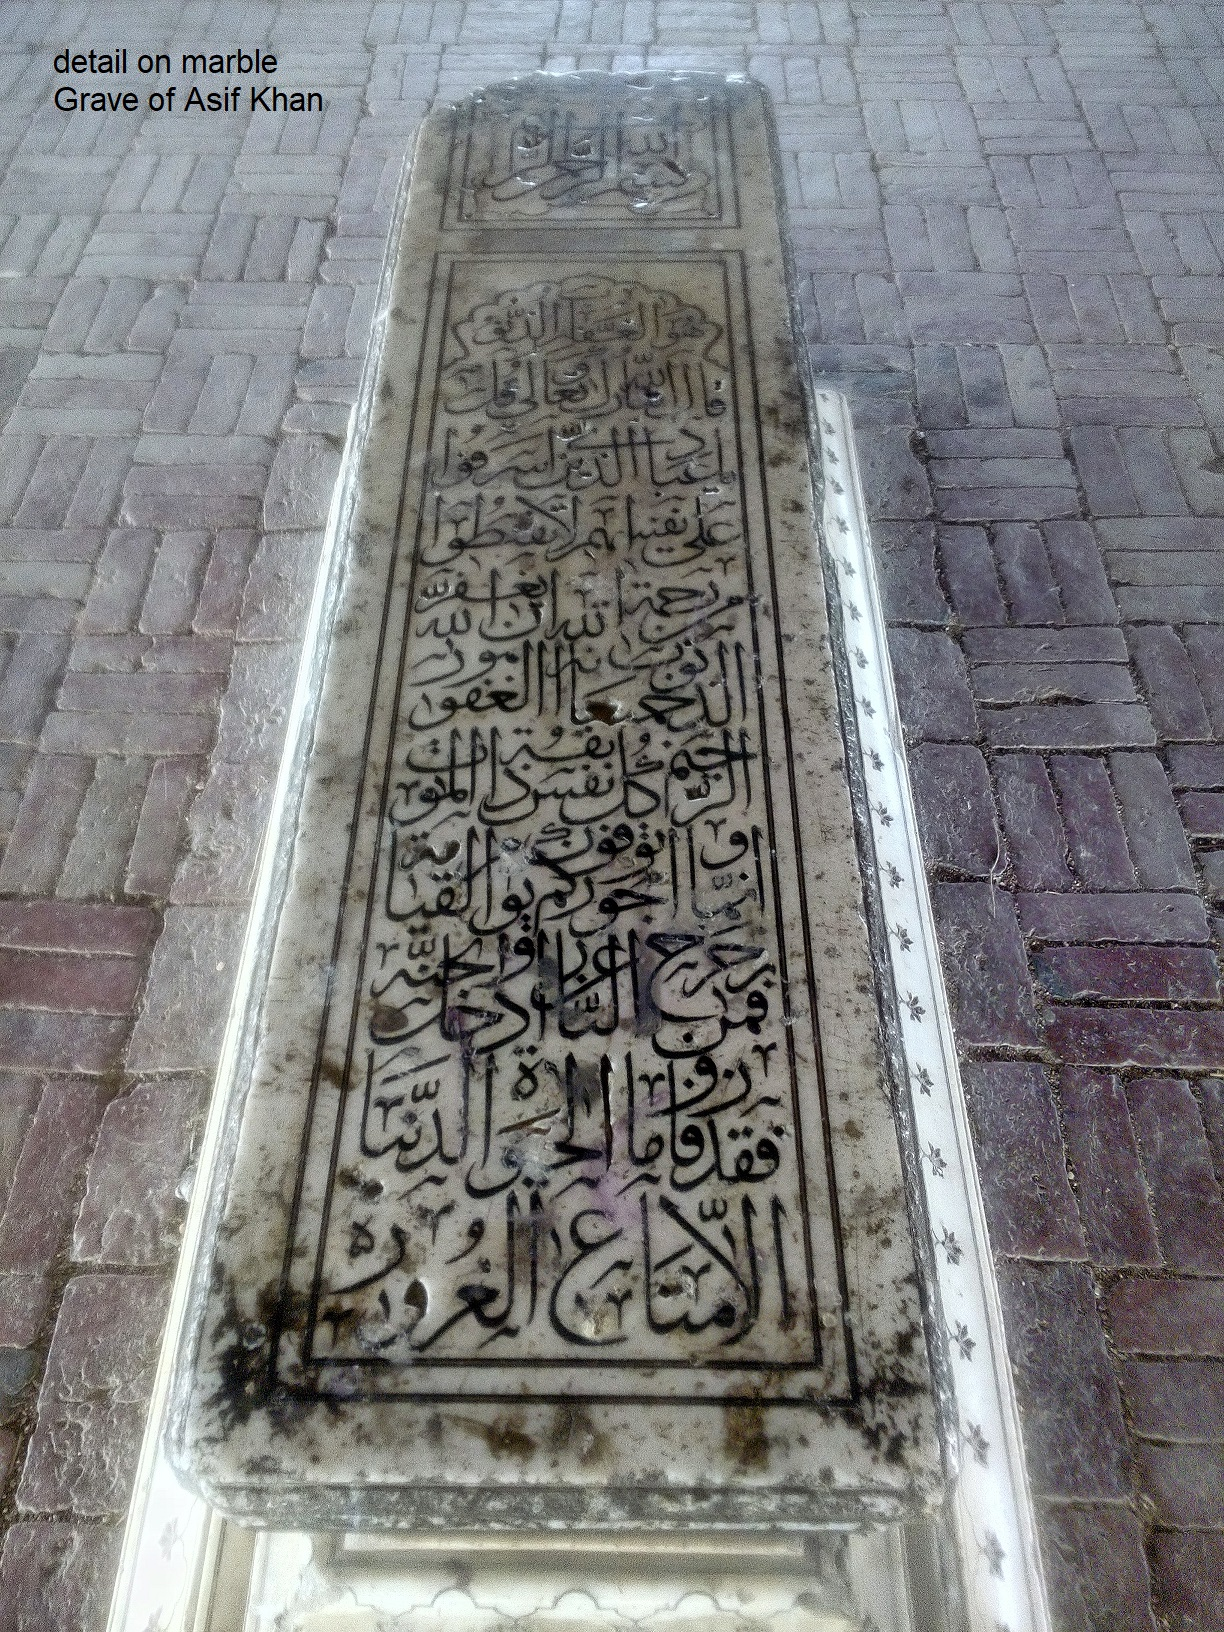 Asif Khan's tomb